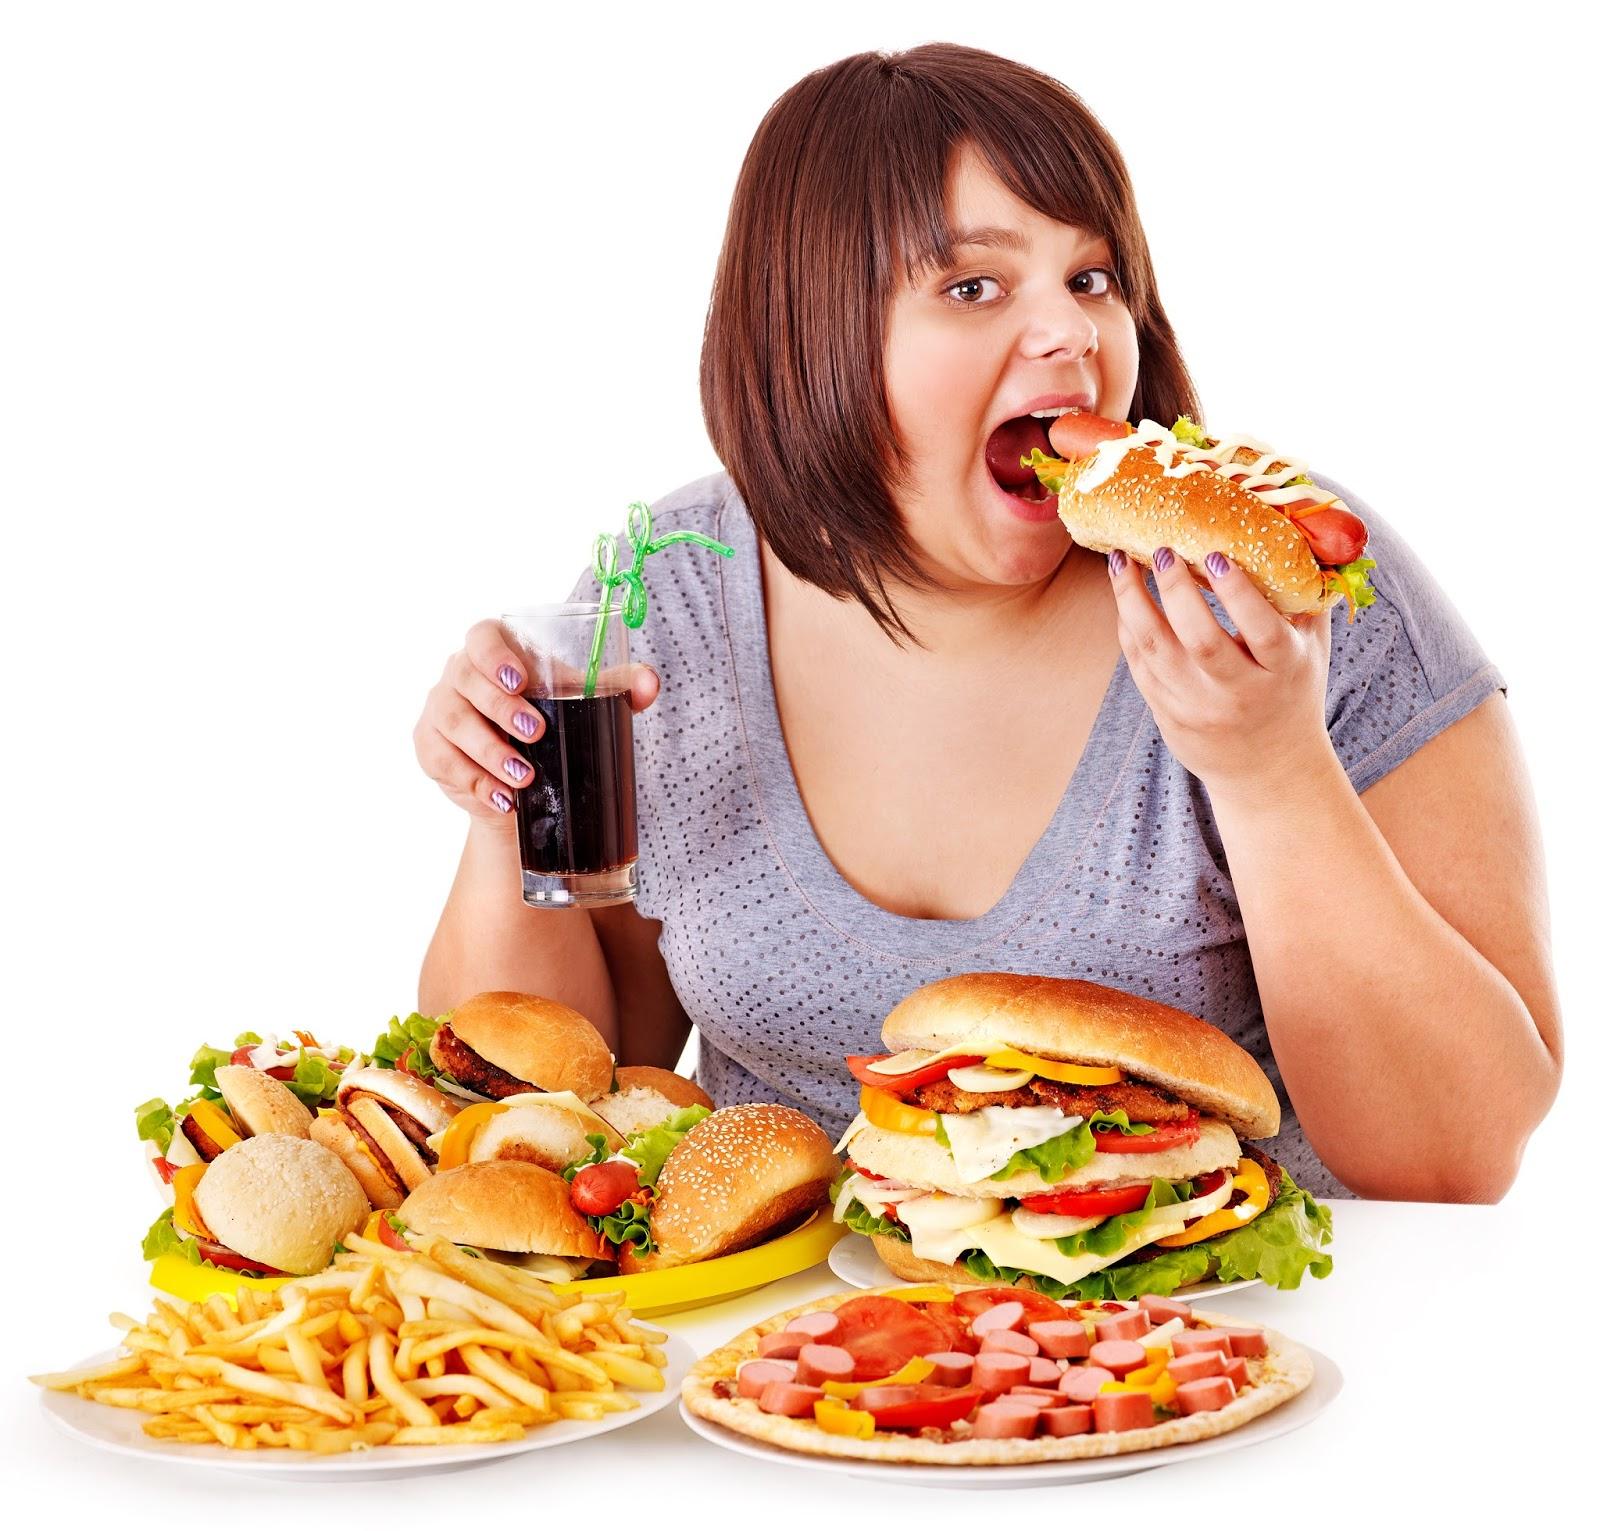 cara mengatasi obesitas